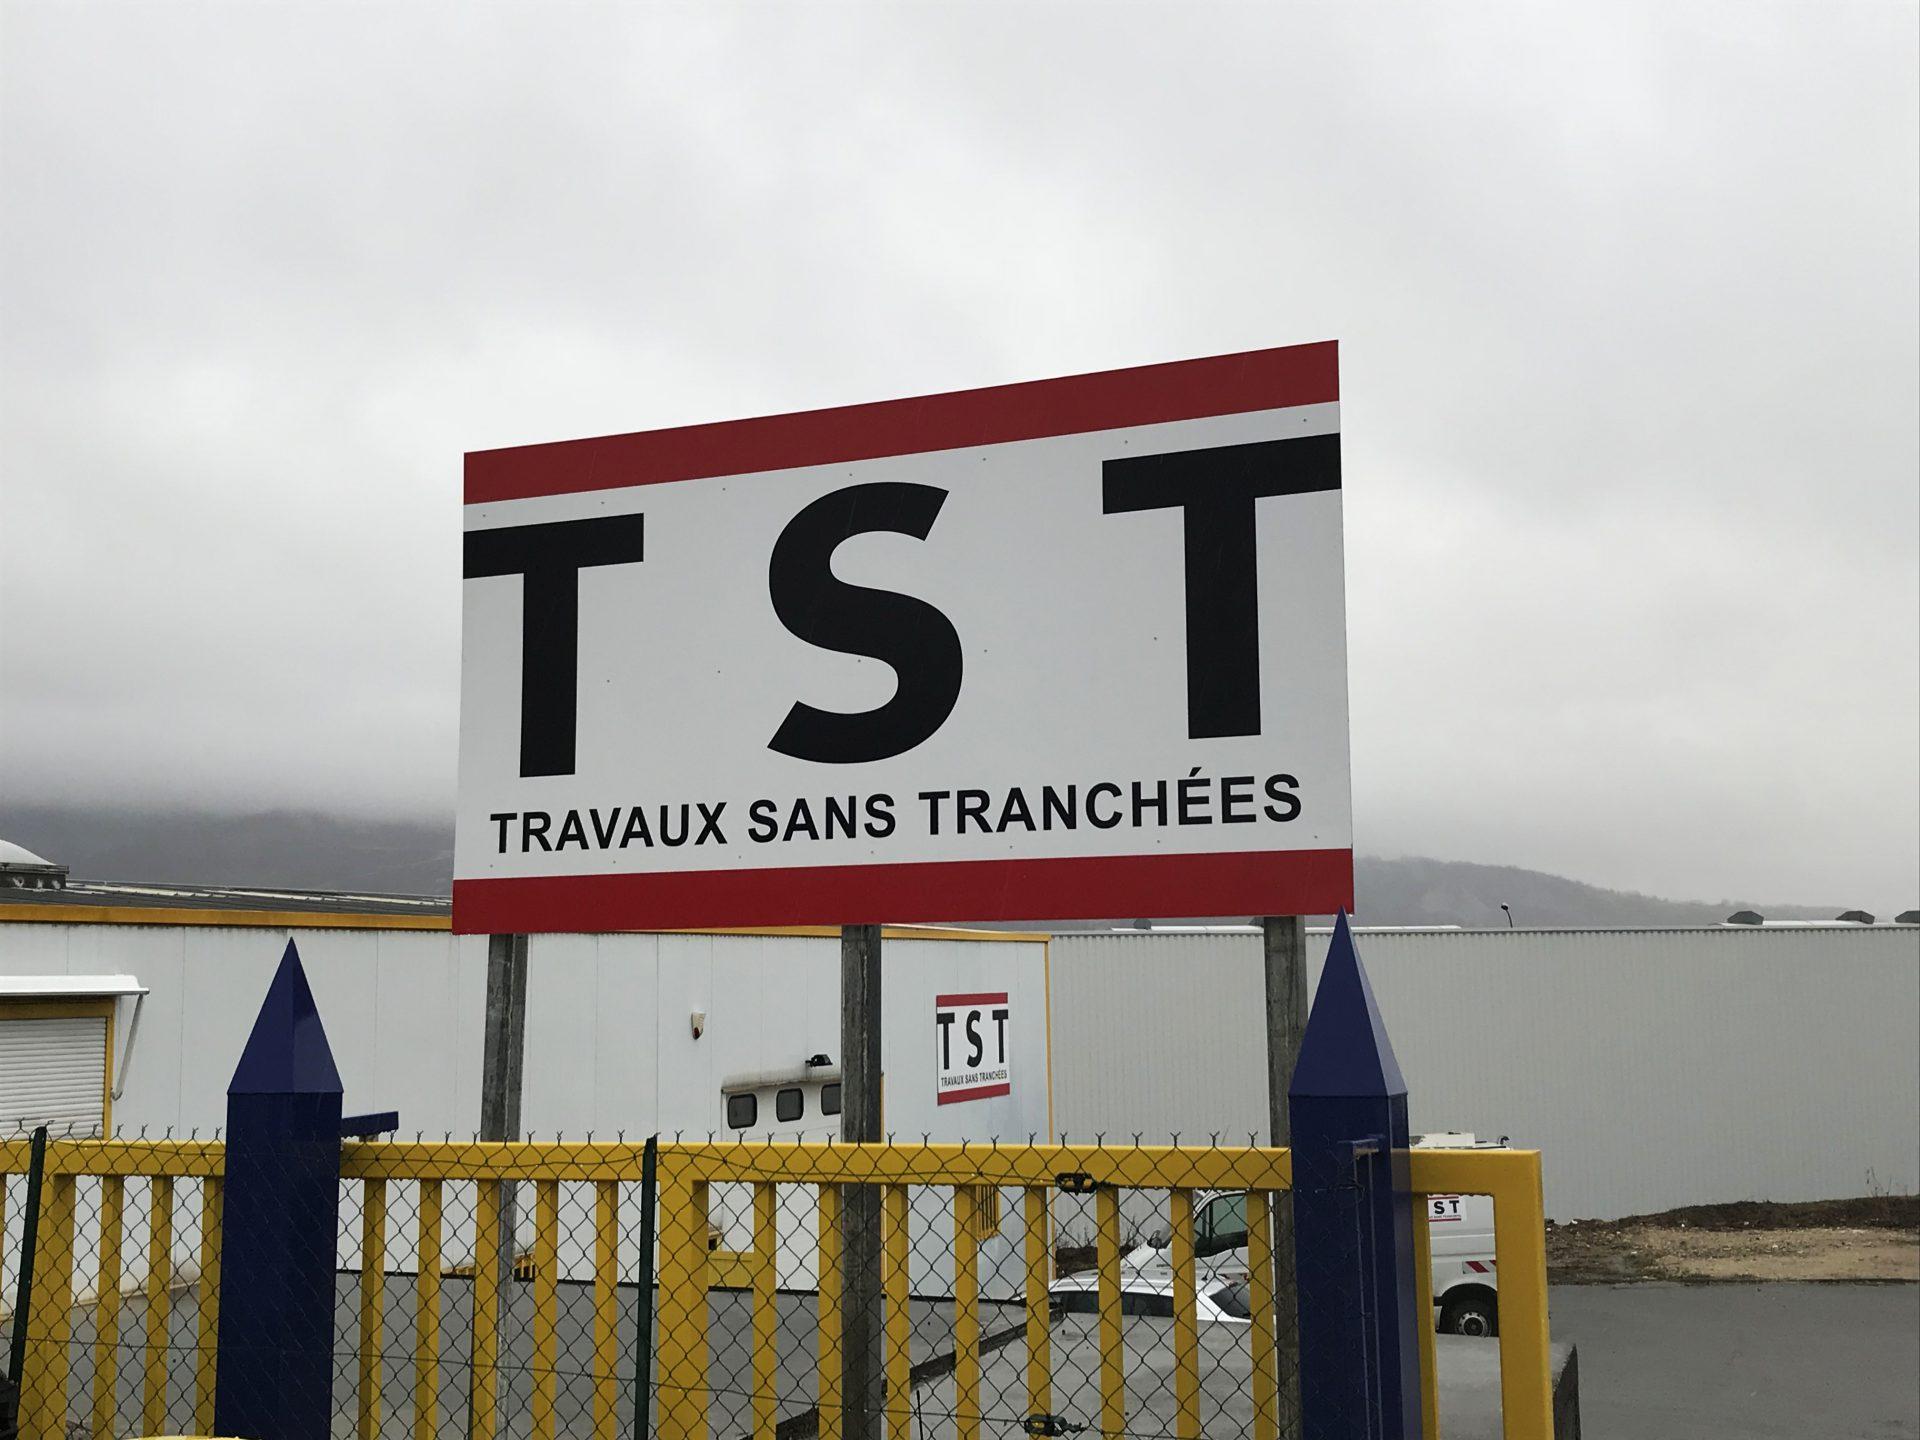 TRAVAUX SANS TRANCHÉES